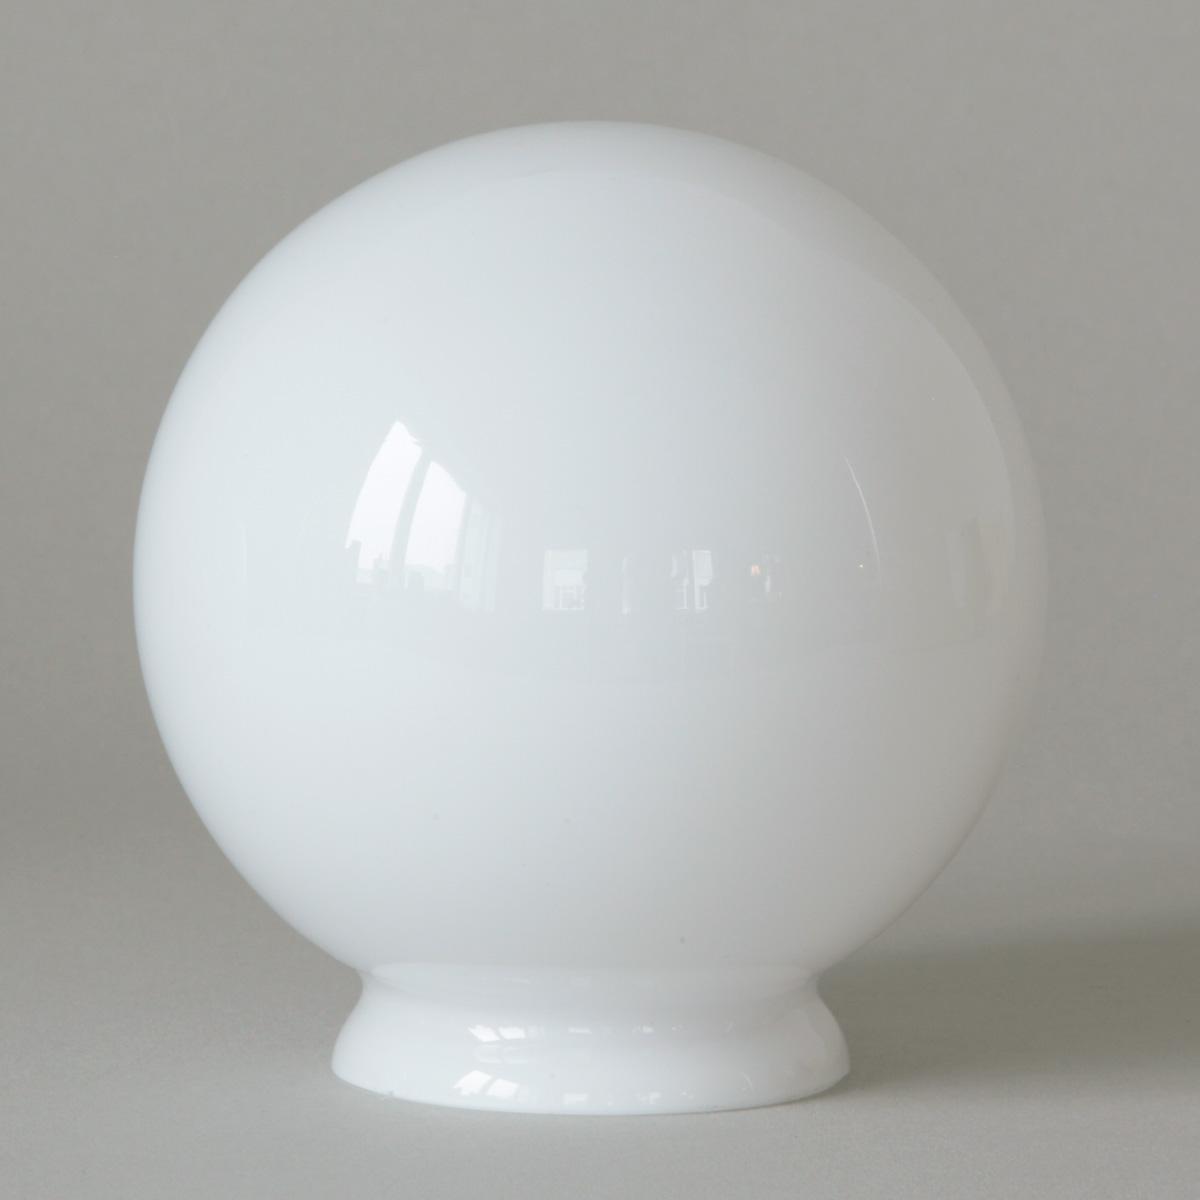 sehr kleine deckenlampe mit wei em kugelglas 10 cm casa lumi. Black Bedroom Furniture Sets. Home Design Ideas